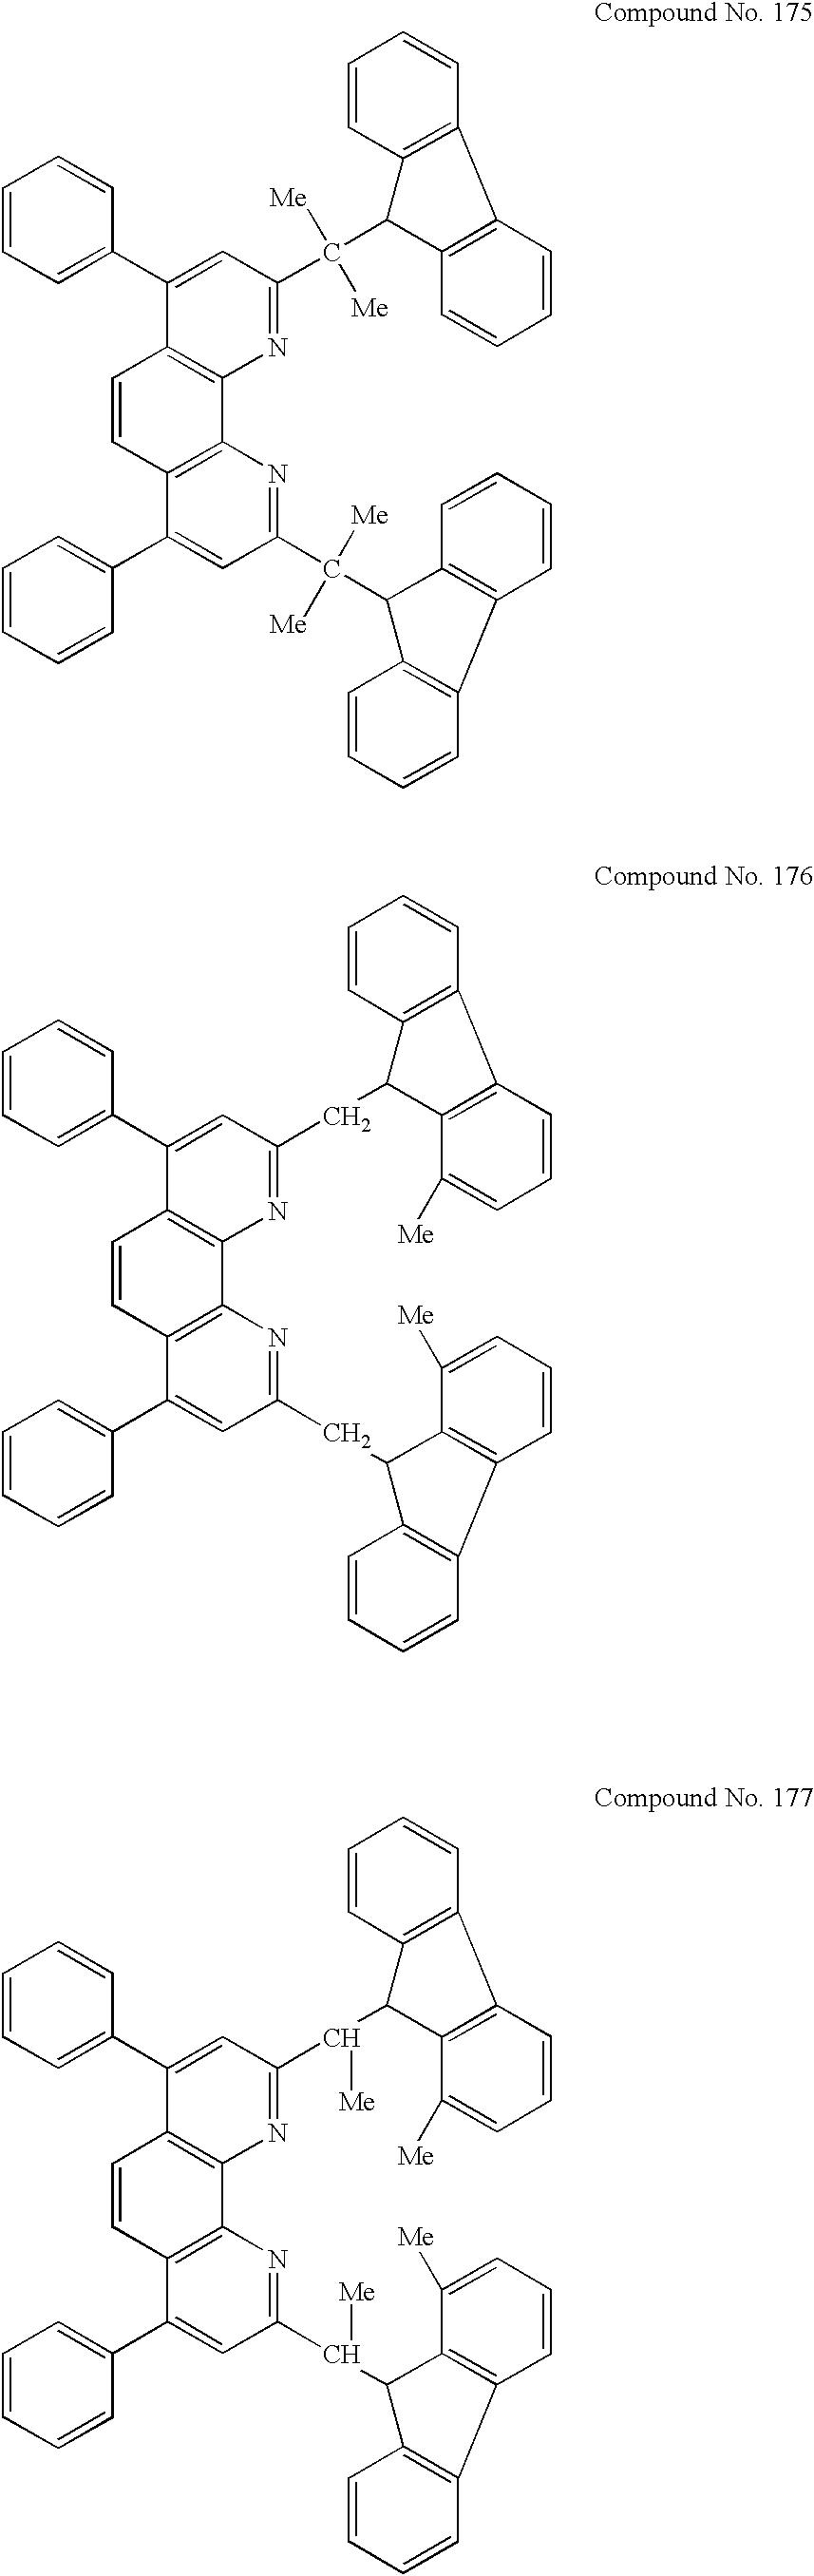 Figure US06524728-20030225-C00053